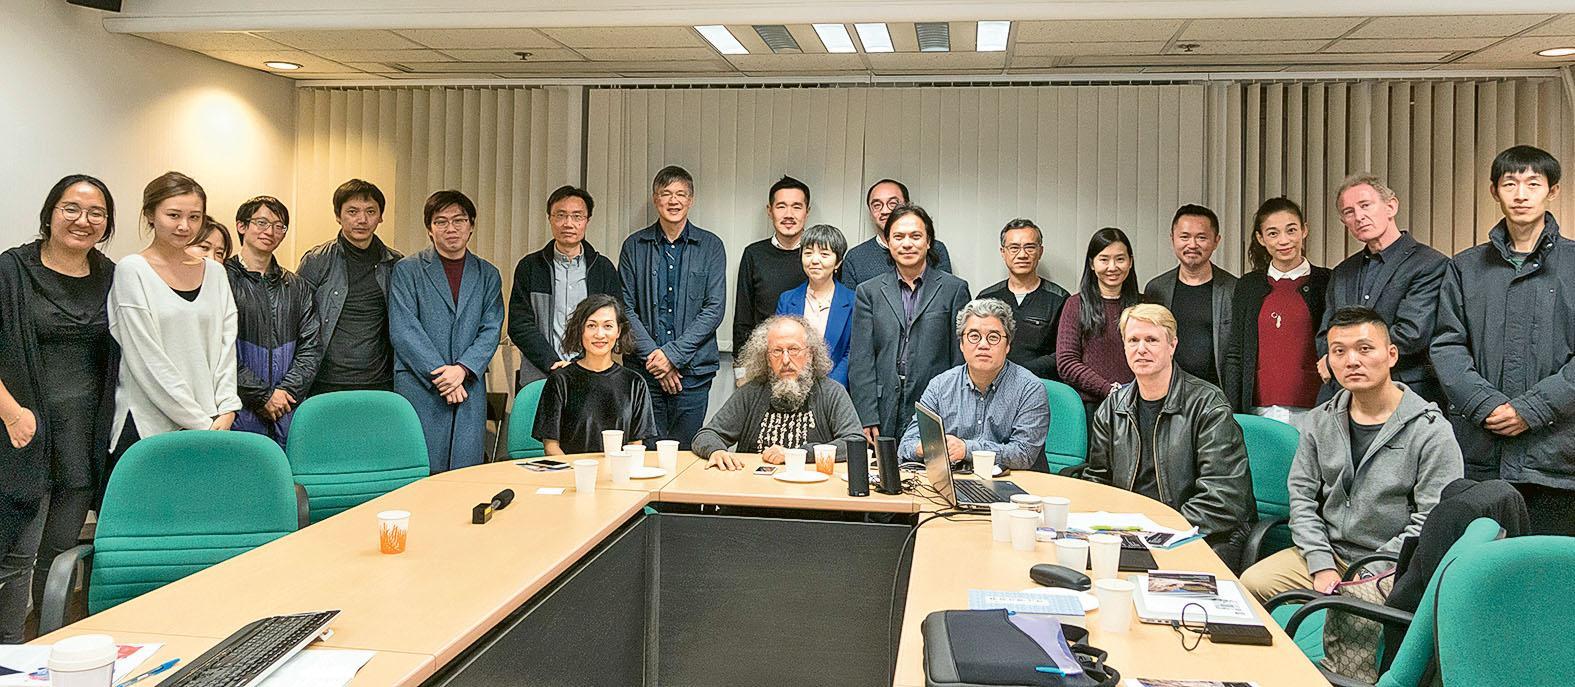 文學院經常會舉辦各項跨學系的合作活動,圖為早前舉辦「The Anthropocene and Contemporary Chinese Cultures 國際電影文化工作坊」,各位講者與出席 者合照。